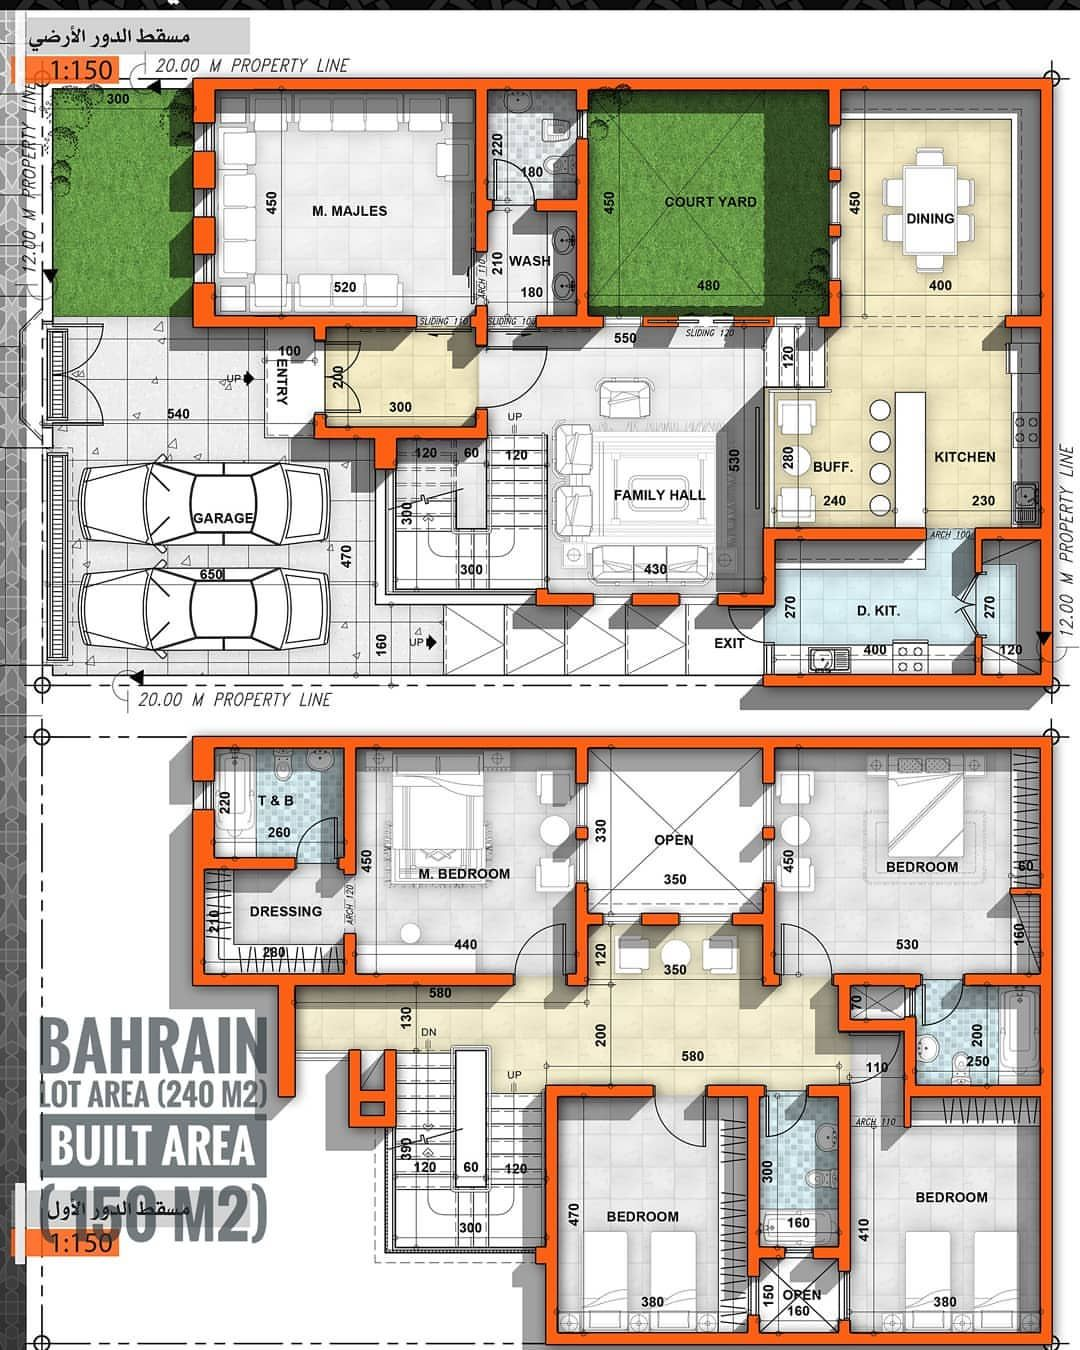 مخطط كل يوم مخطط فيلا مساحة الأرض 240 مساحة الدور الارضي 150 موقع المخطط البحرين الفكرة الرئيسية عمل كو Dream House House Floor Plans